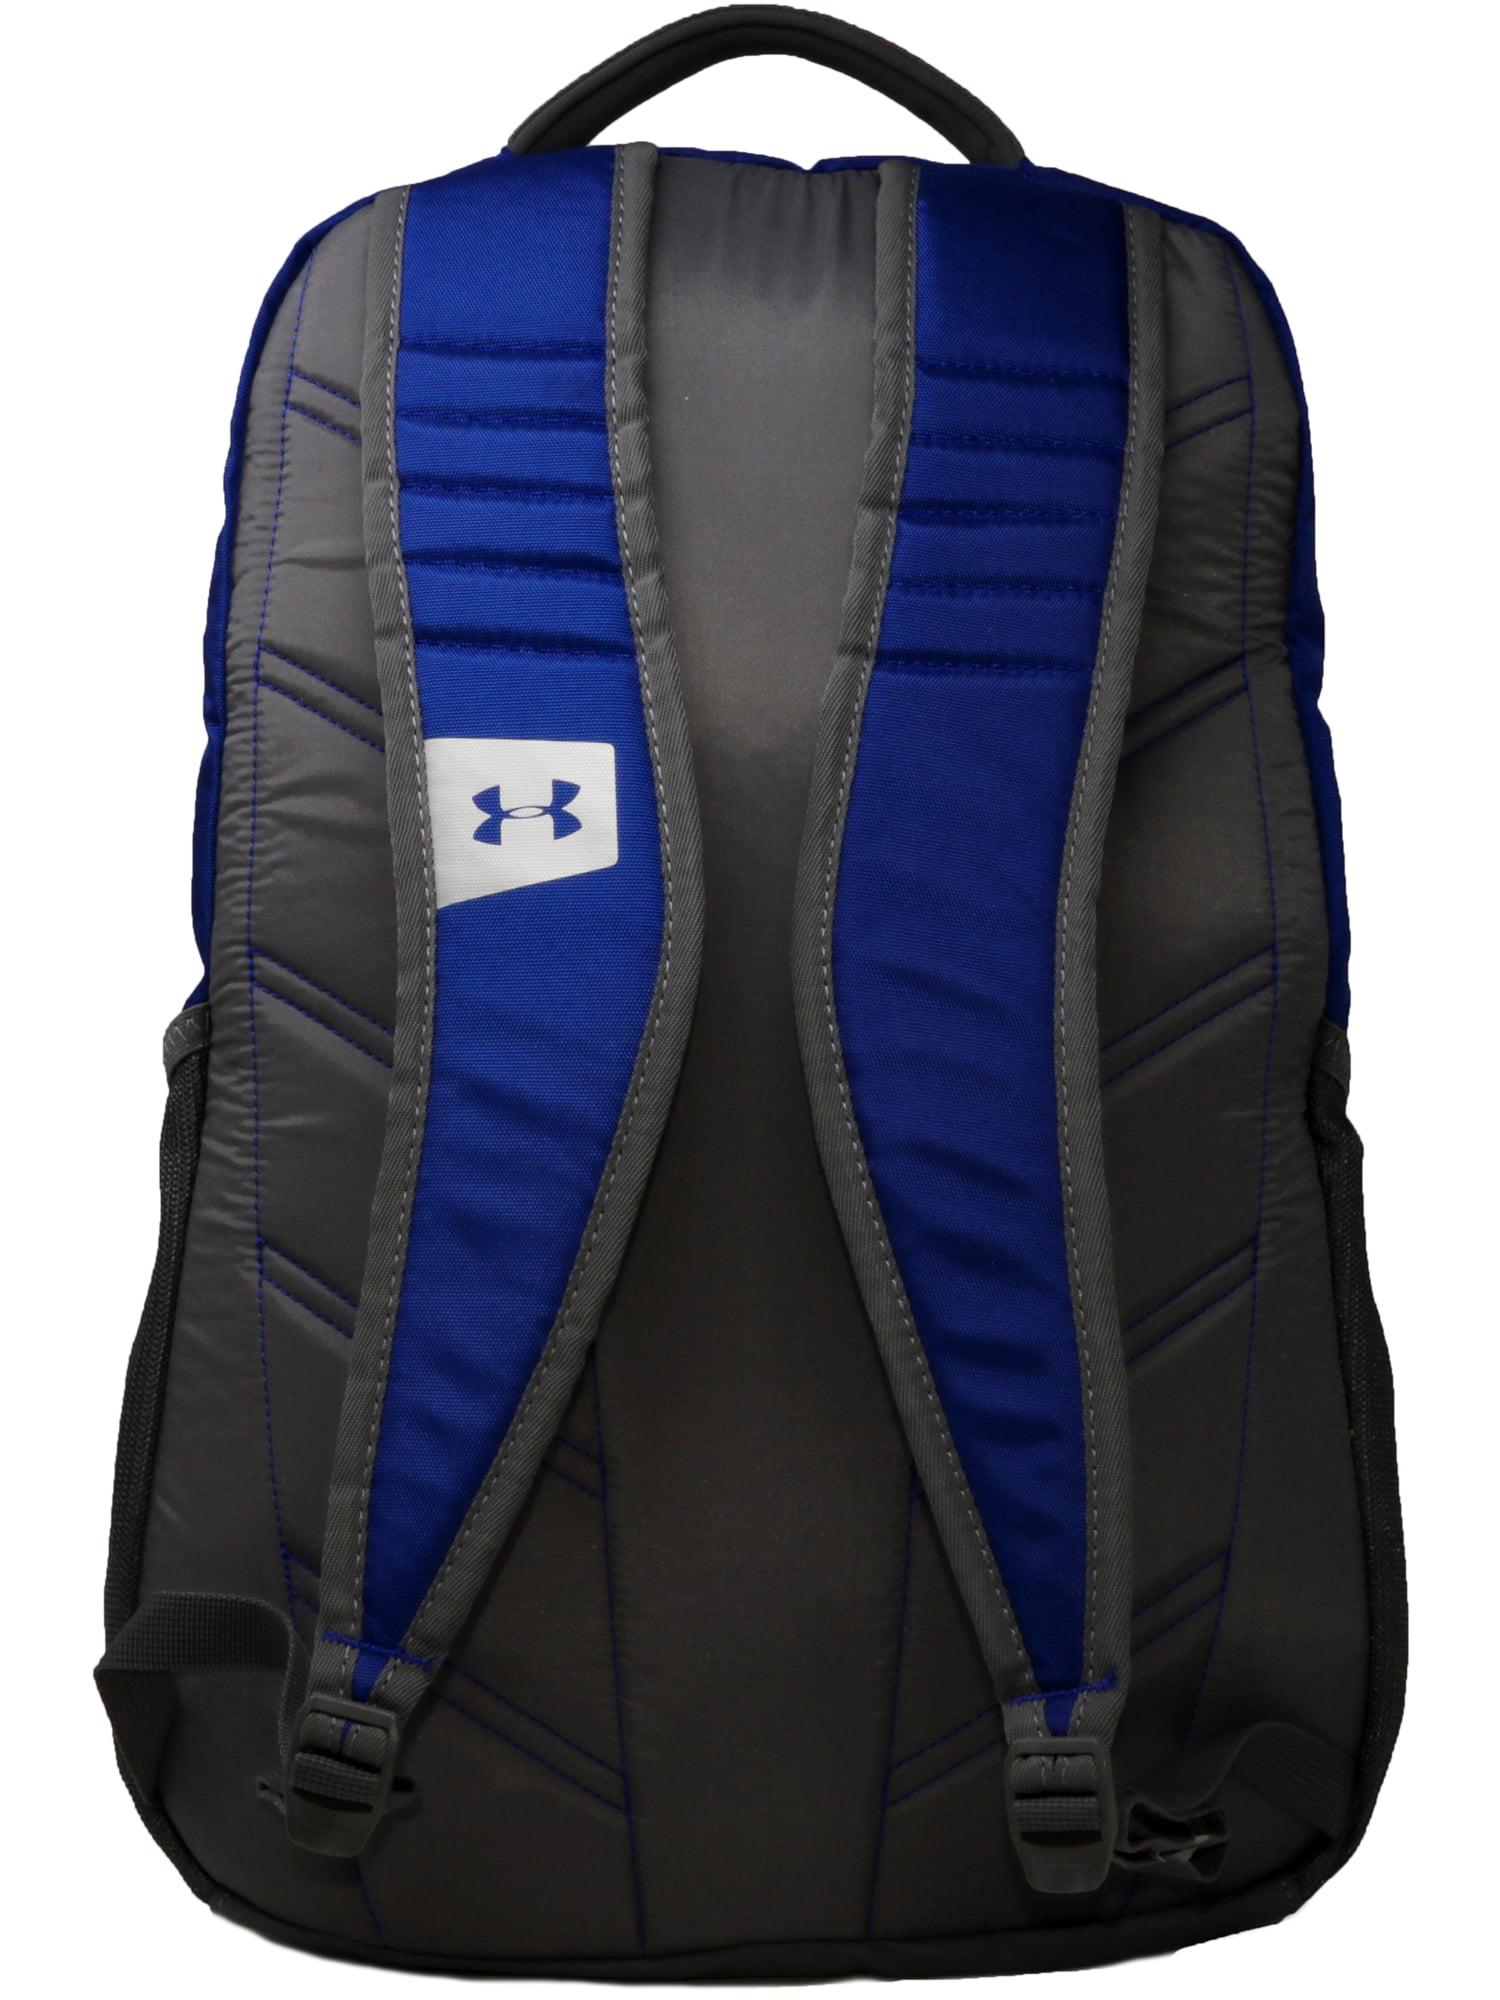 2ee1c37efd Under Armour - Team Hustle Polyester Backpack - Black - Walmart.com